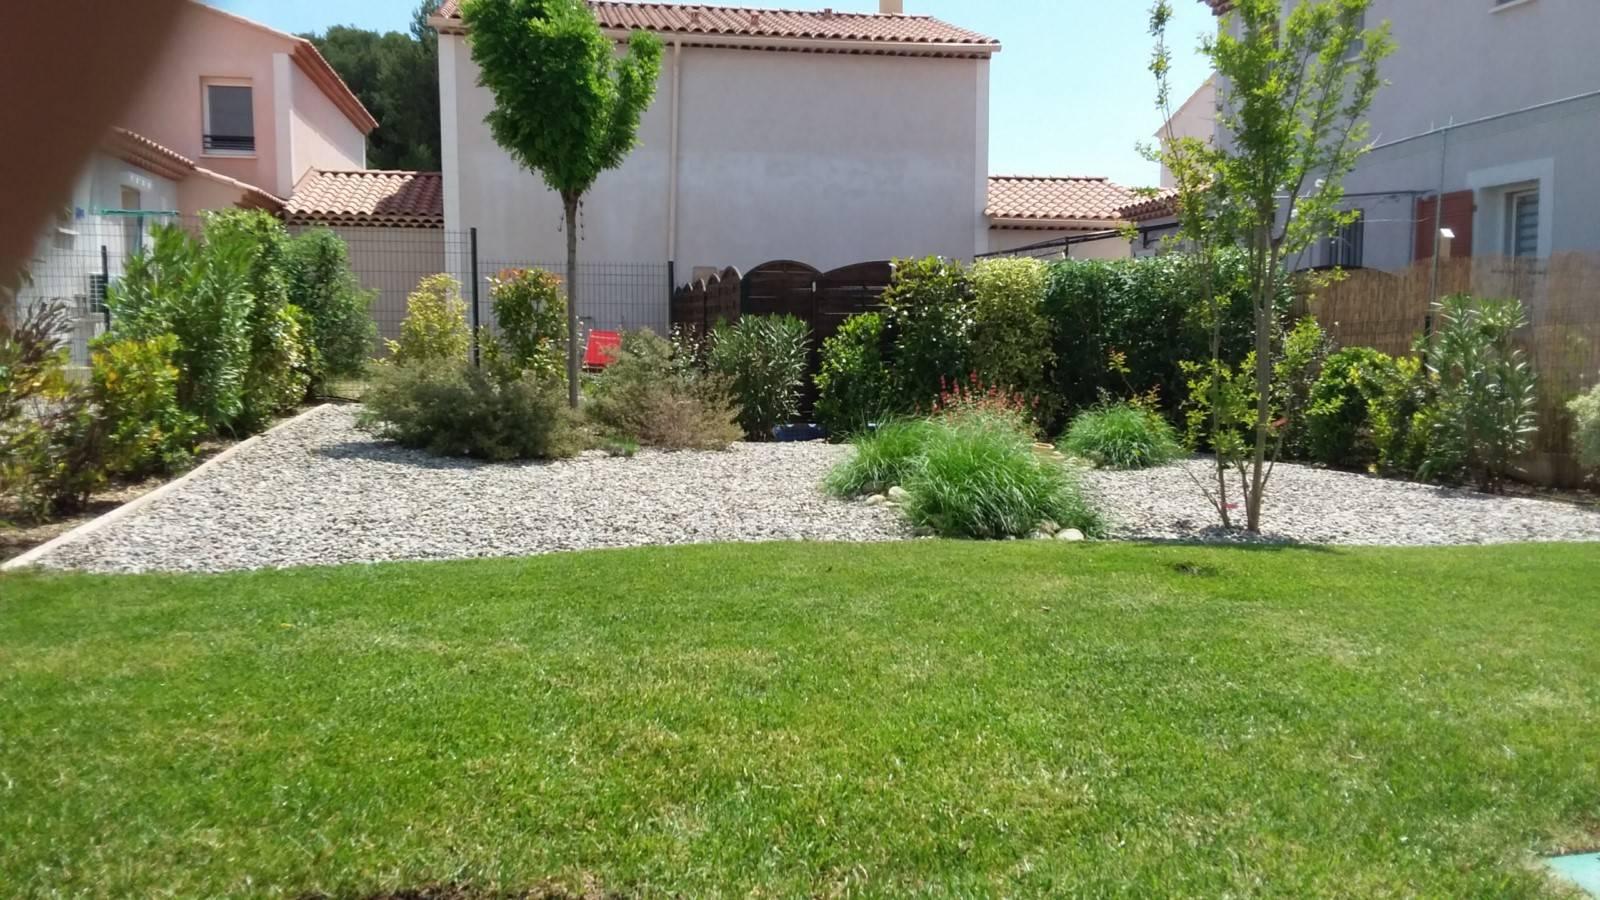 Amenagement D'Un Petit Jardin Méditerranéen Devant Maison à Aménagement Terrasse Devant Maison